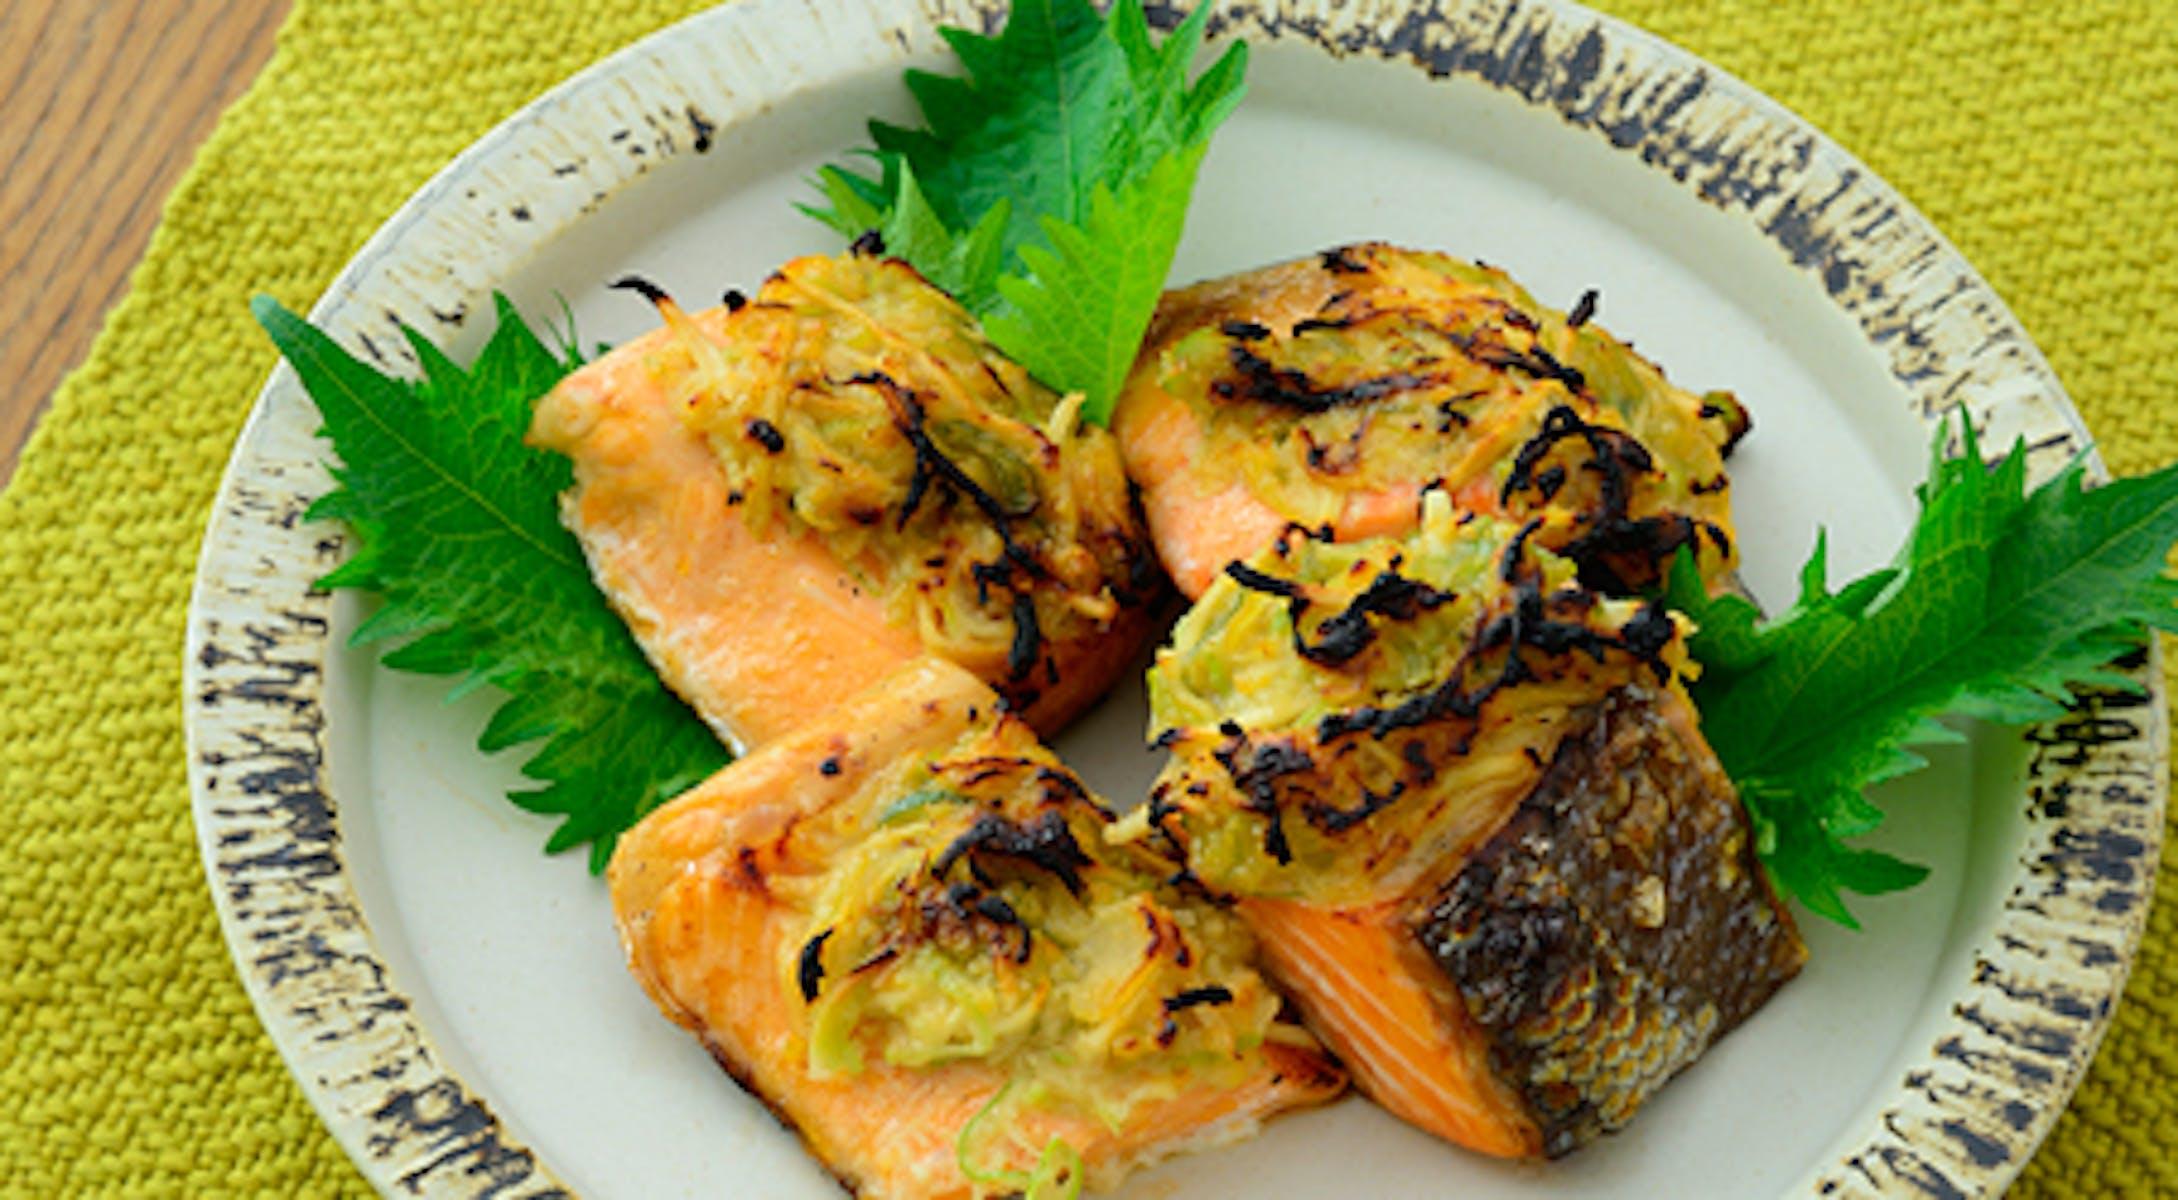 鮭のねぎみそ生姜のせ焼き